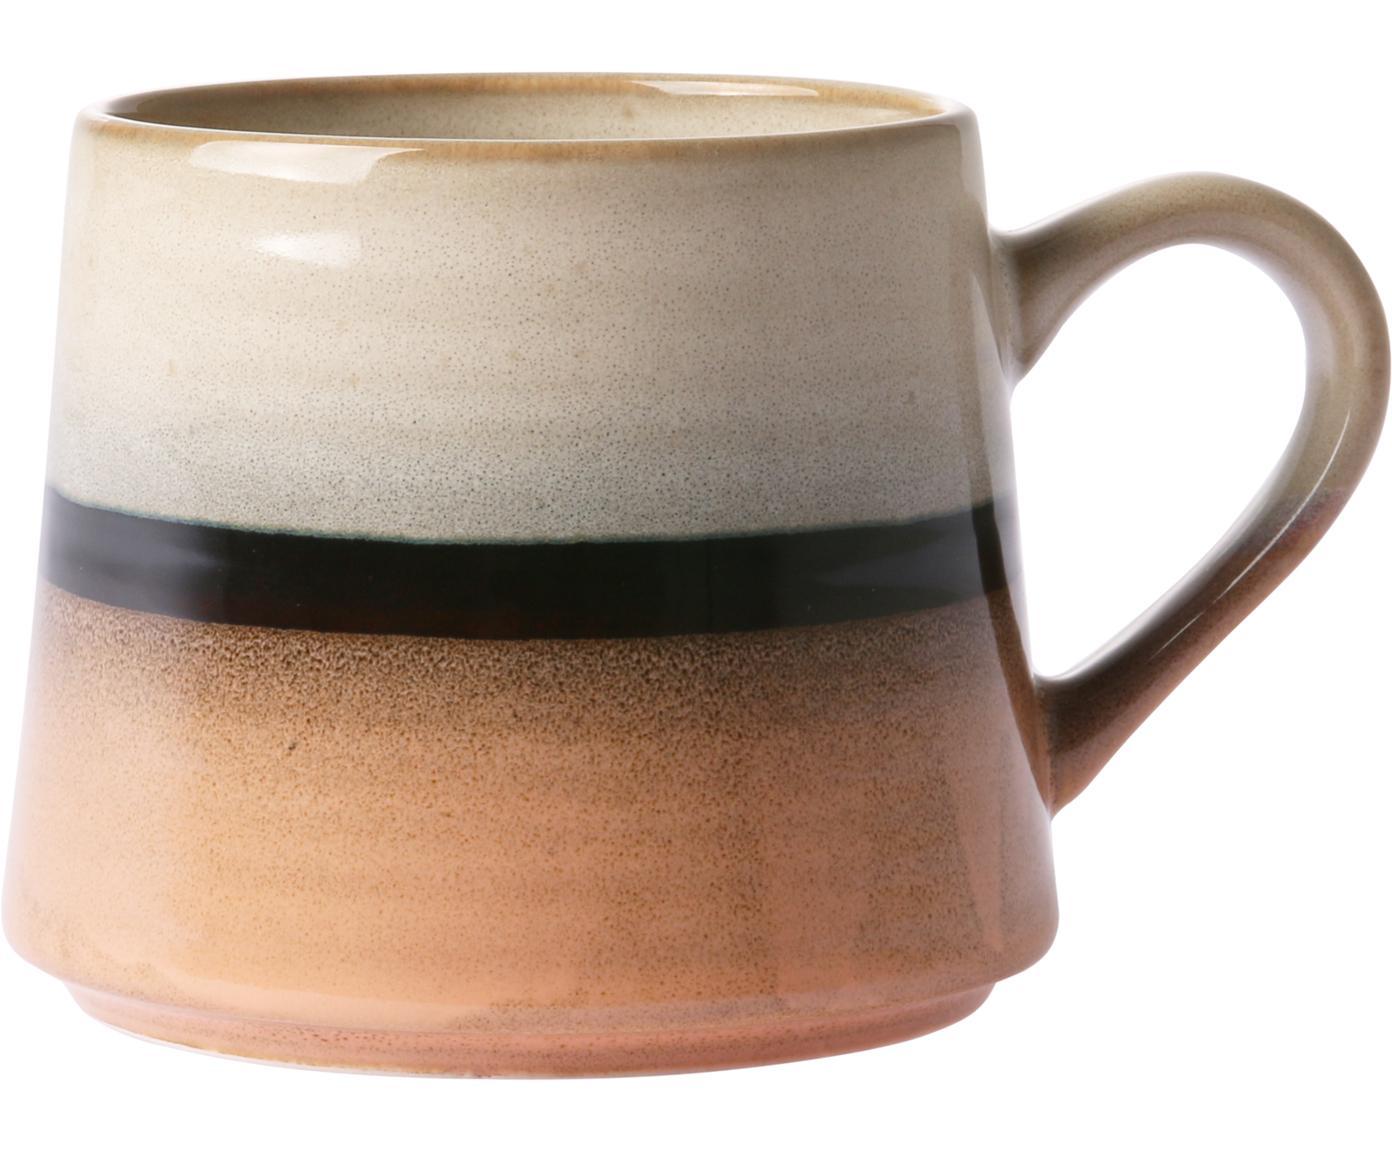 Handgemachte Teetasse 70's, Keramik, Pfirsichfarben, Grau, Schwarz, 11 x 9 cm